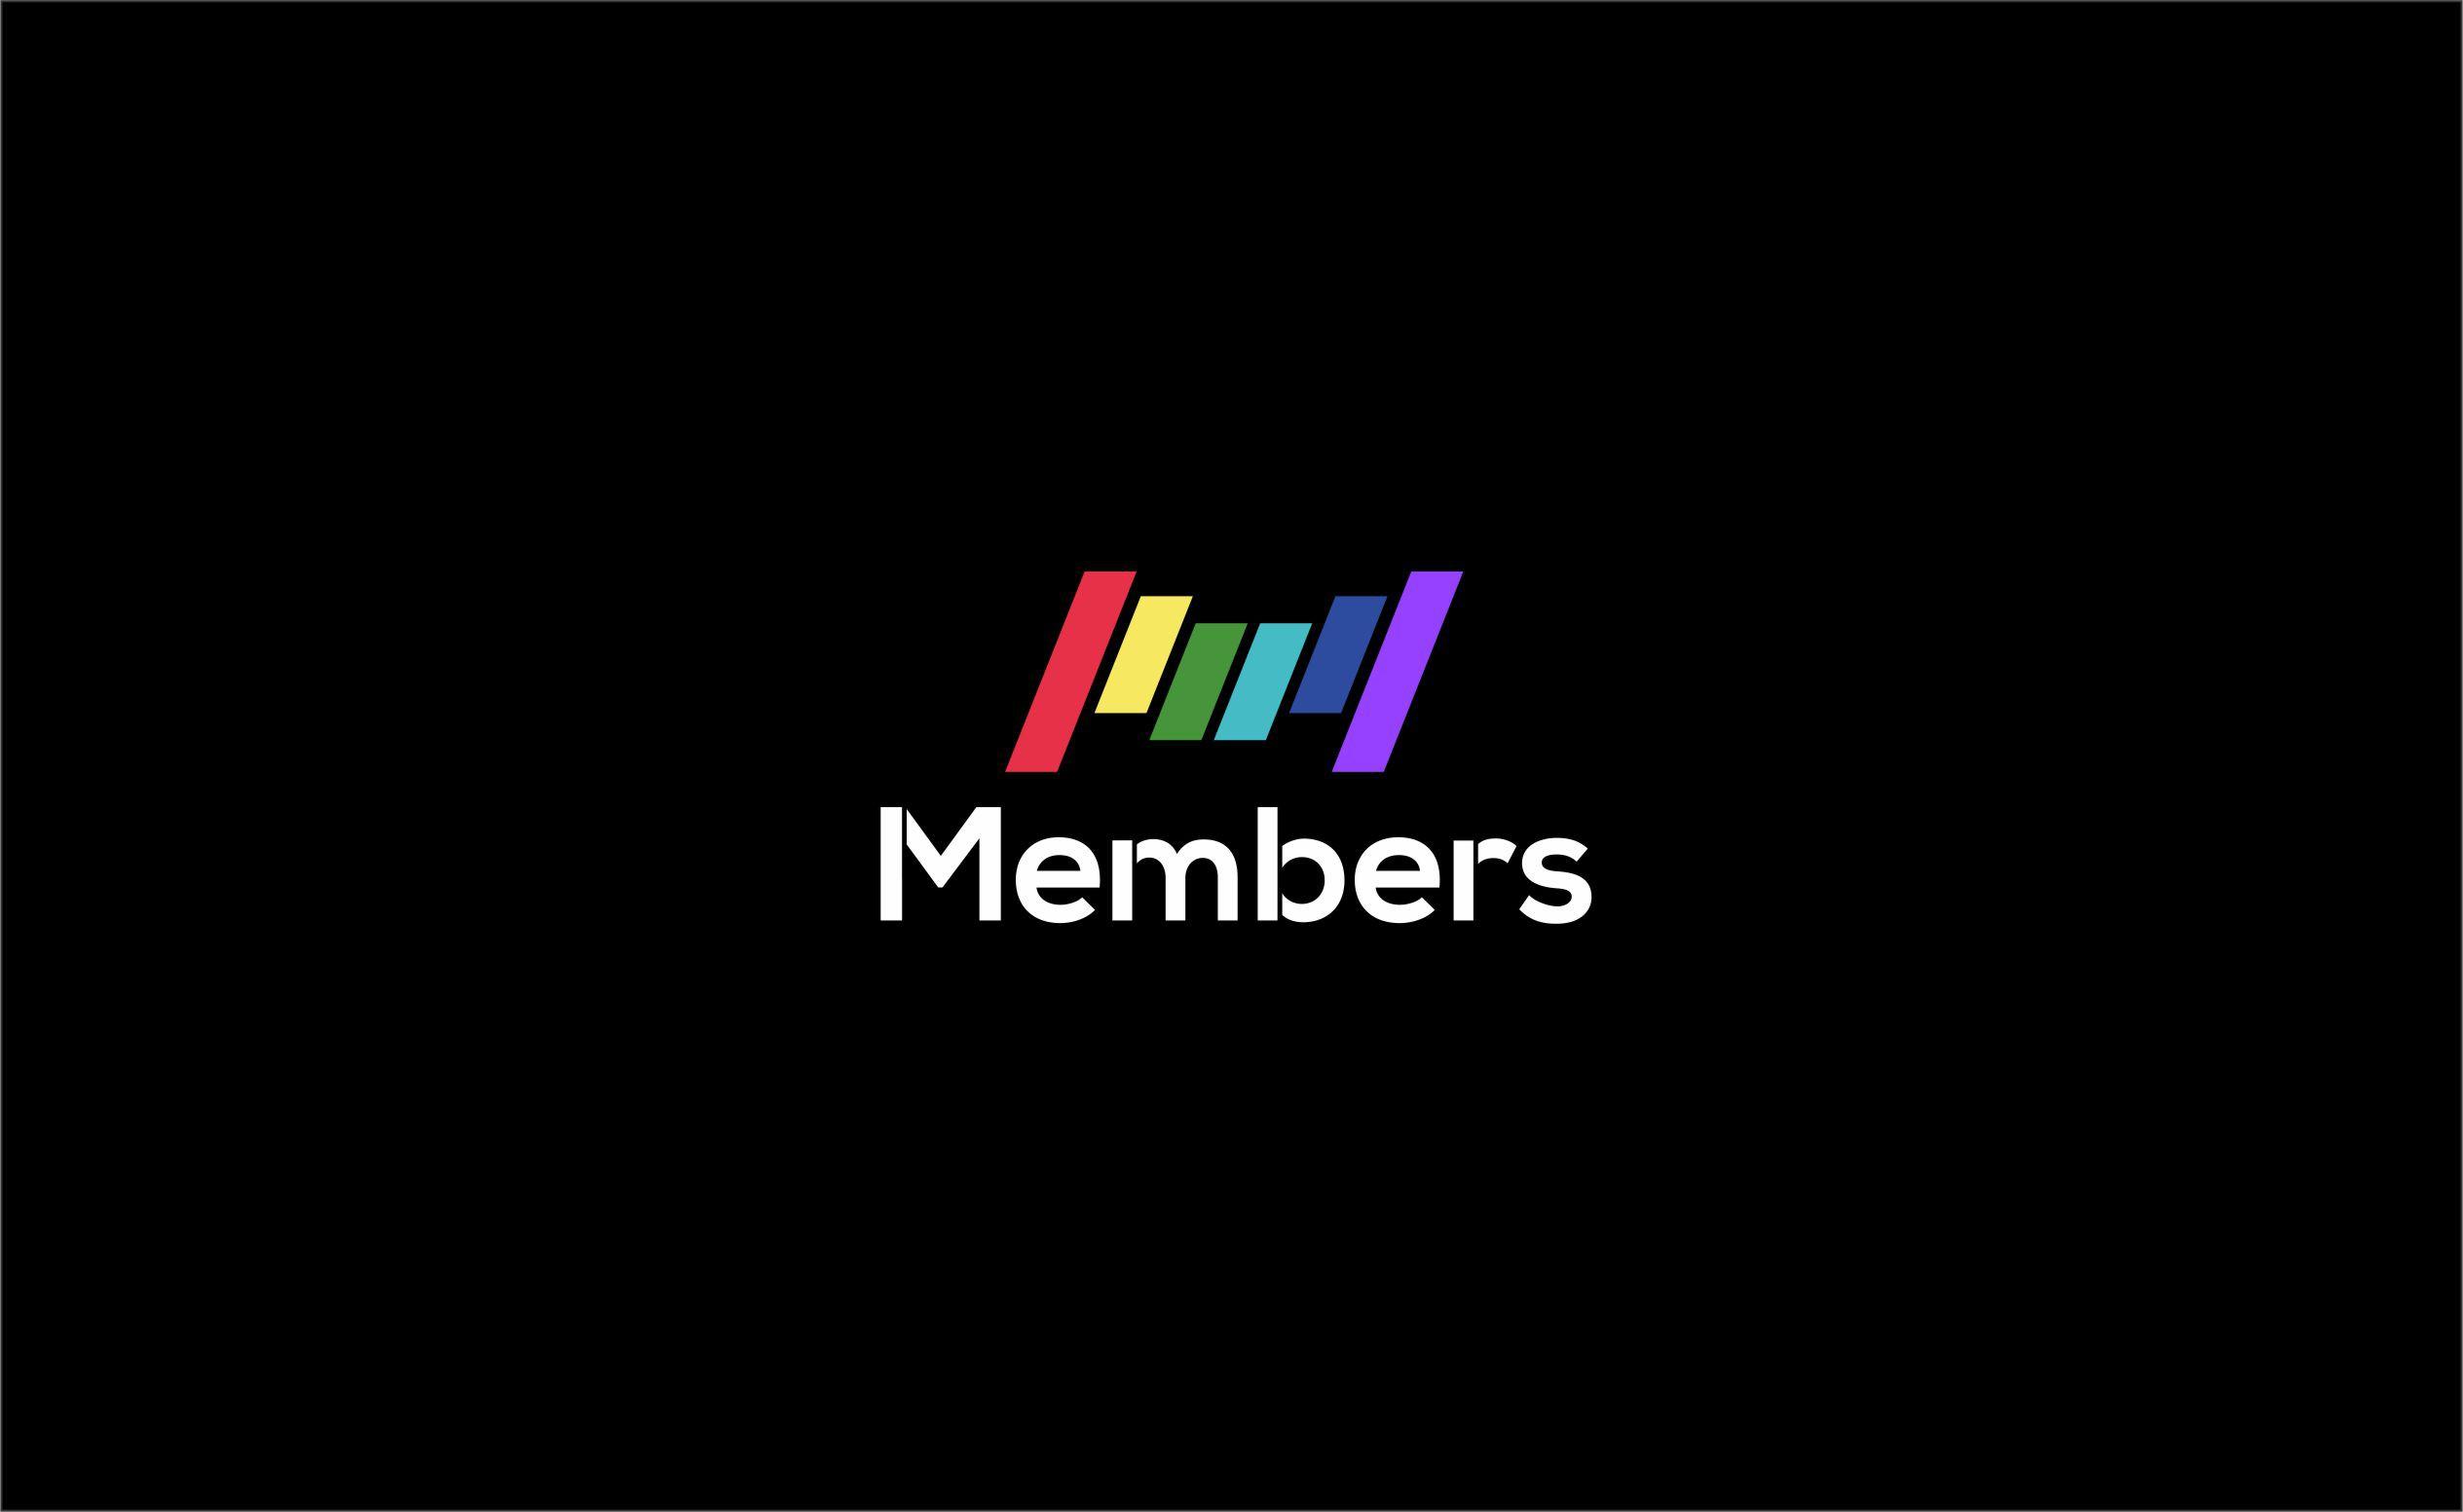 クラスメソッド社の会員向けサービスのロゴをデザインしてください!